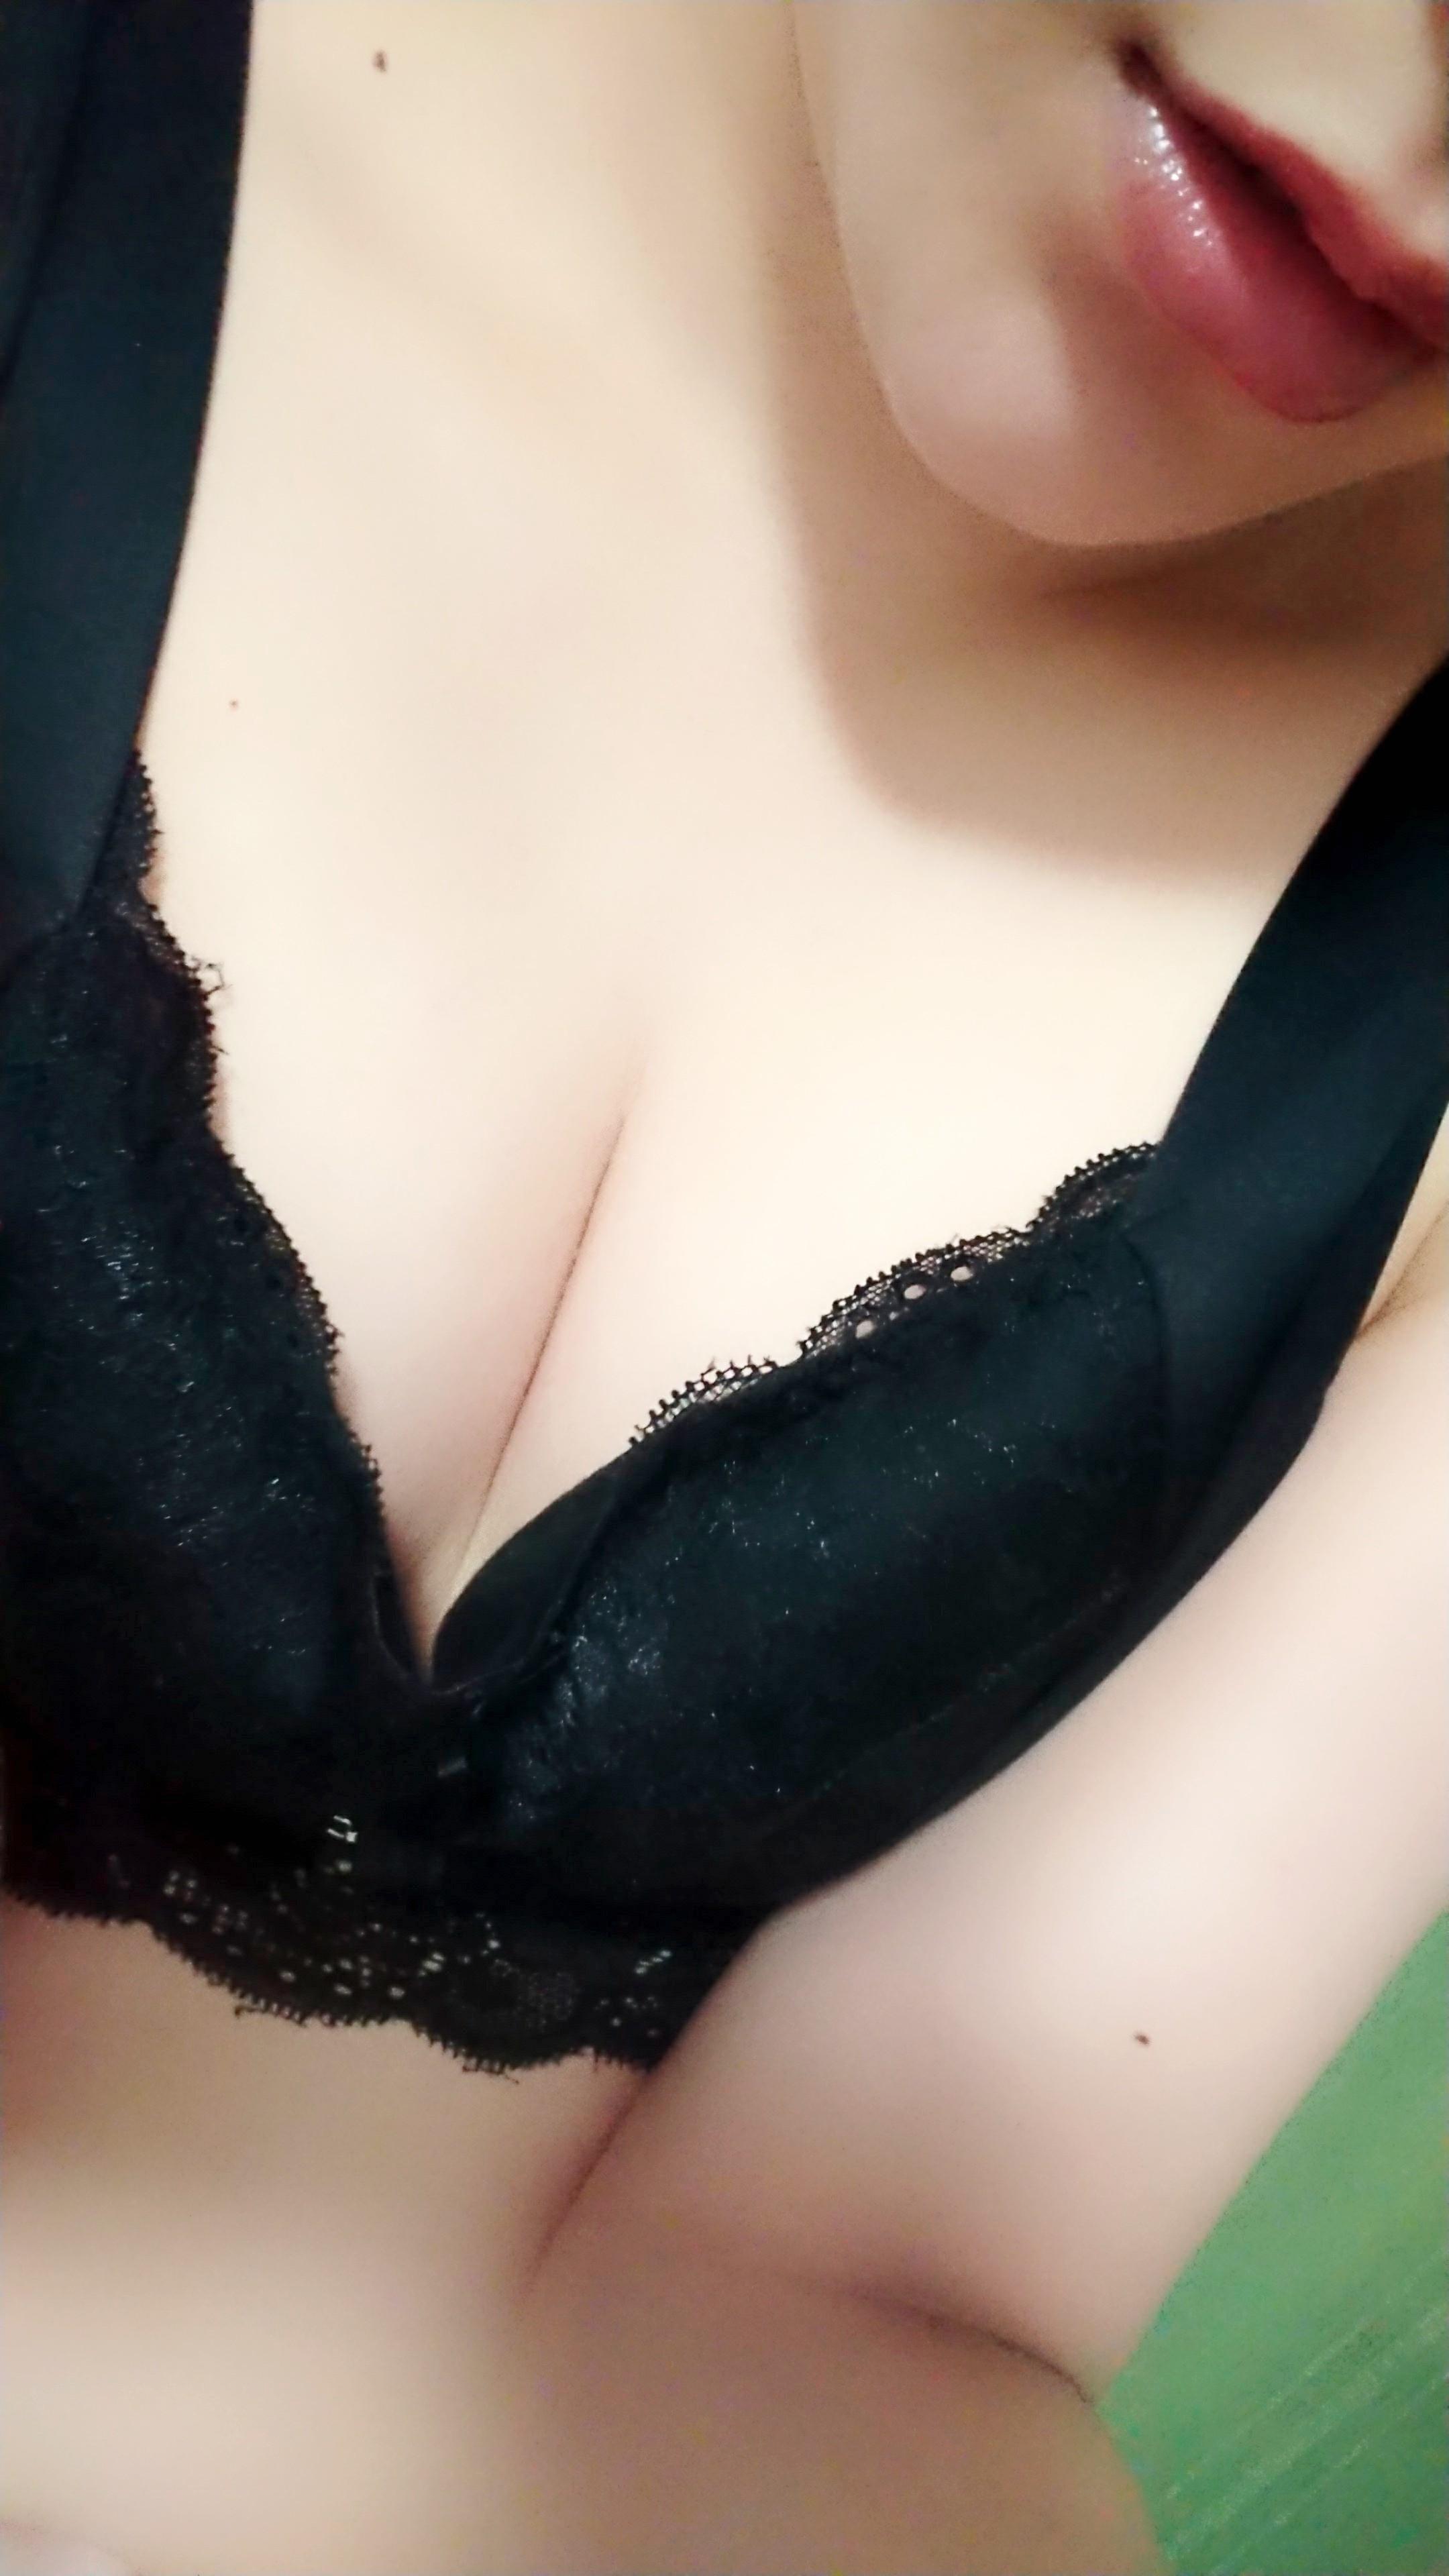 「金曜日ですね☆」06/15(金) 11:29 | 浜中 ゆみの写メ・風俗動画